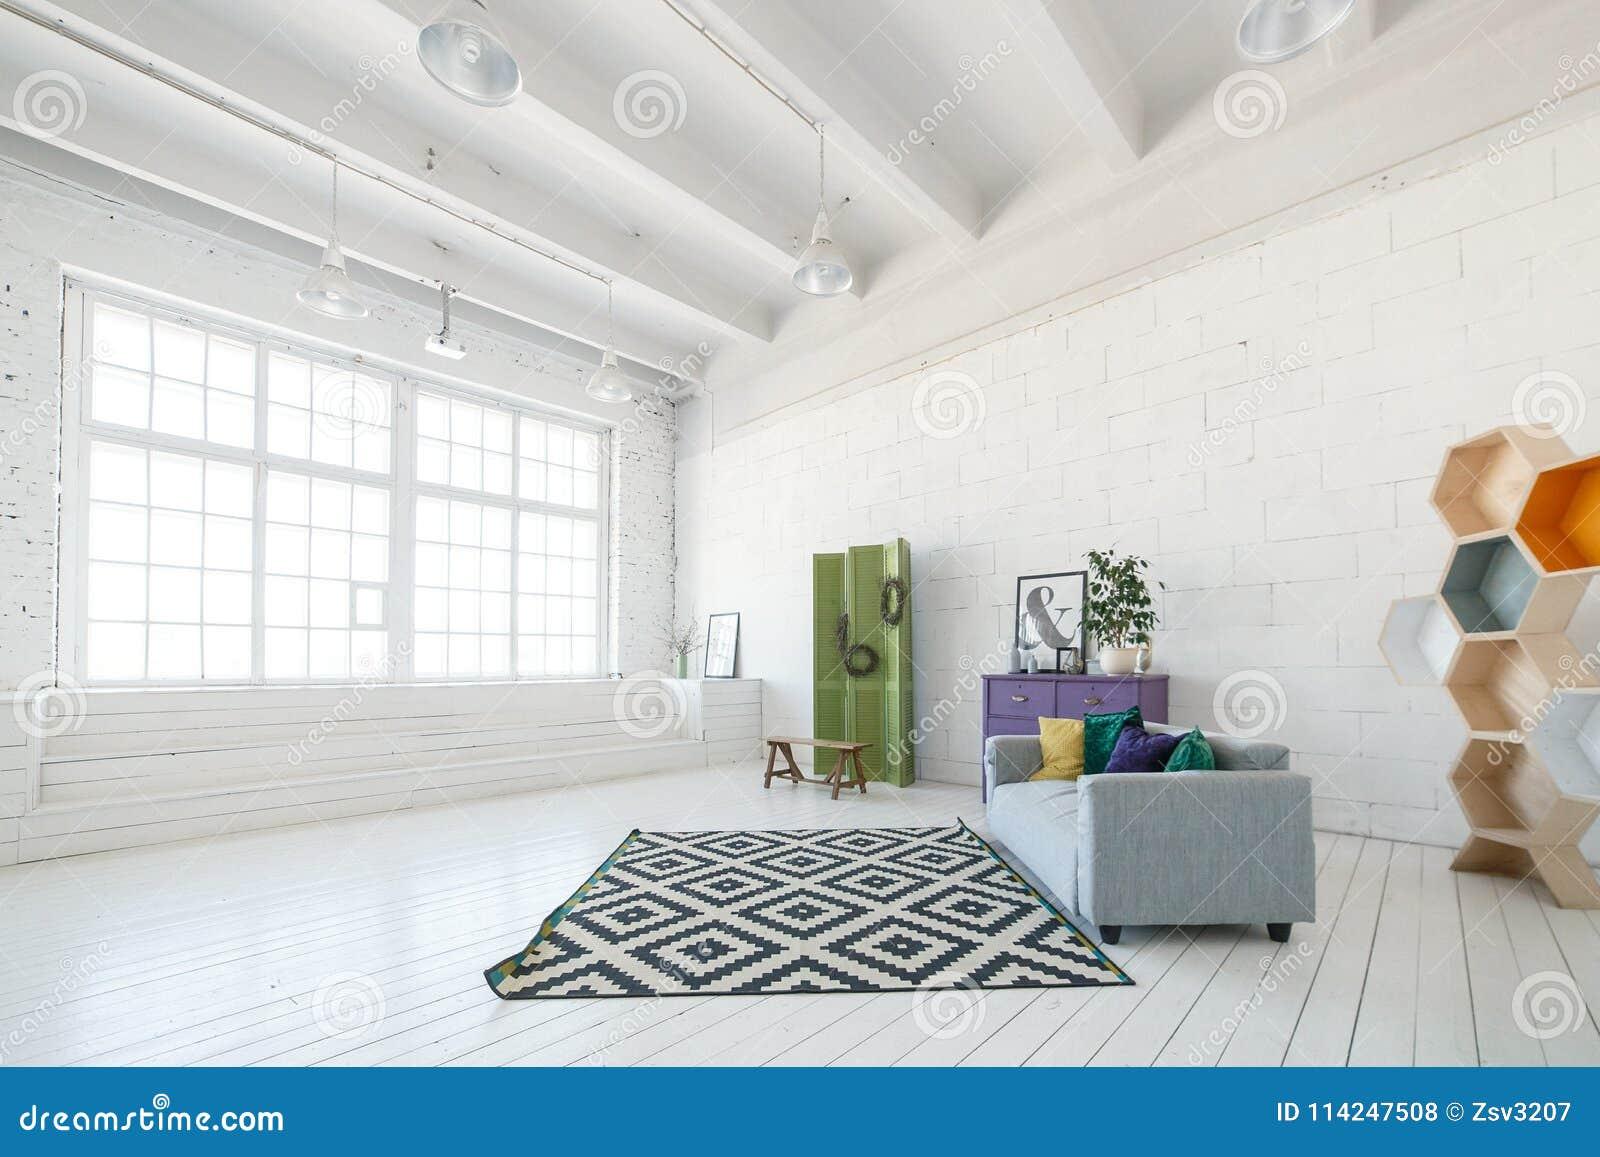 Woonkamer Houten Vloer : Fijne lichte woonkamer met een klassieke twist eigen huis en tuin